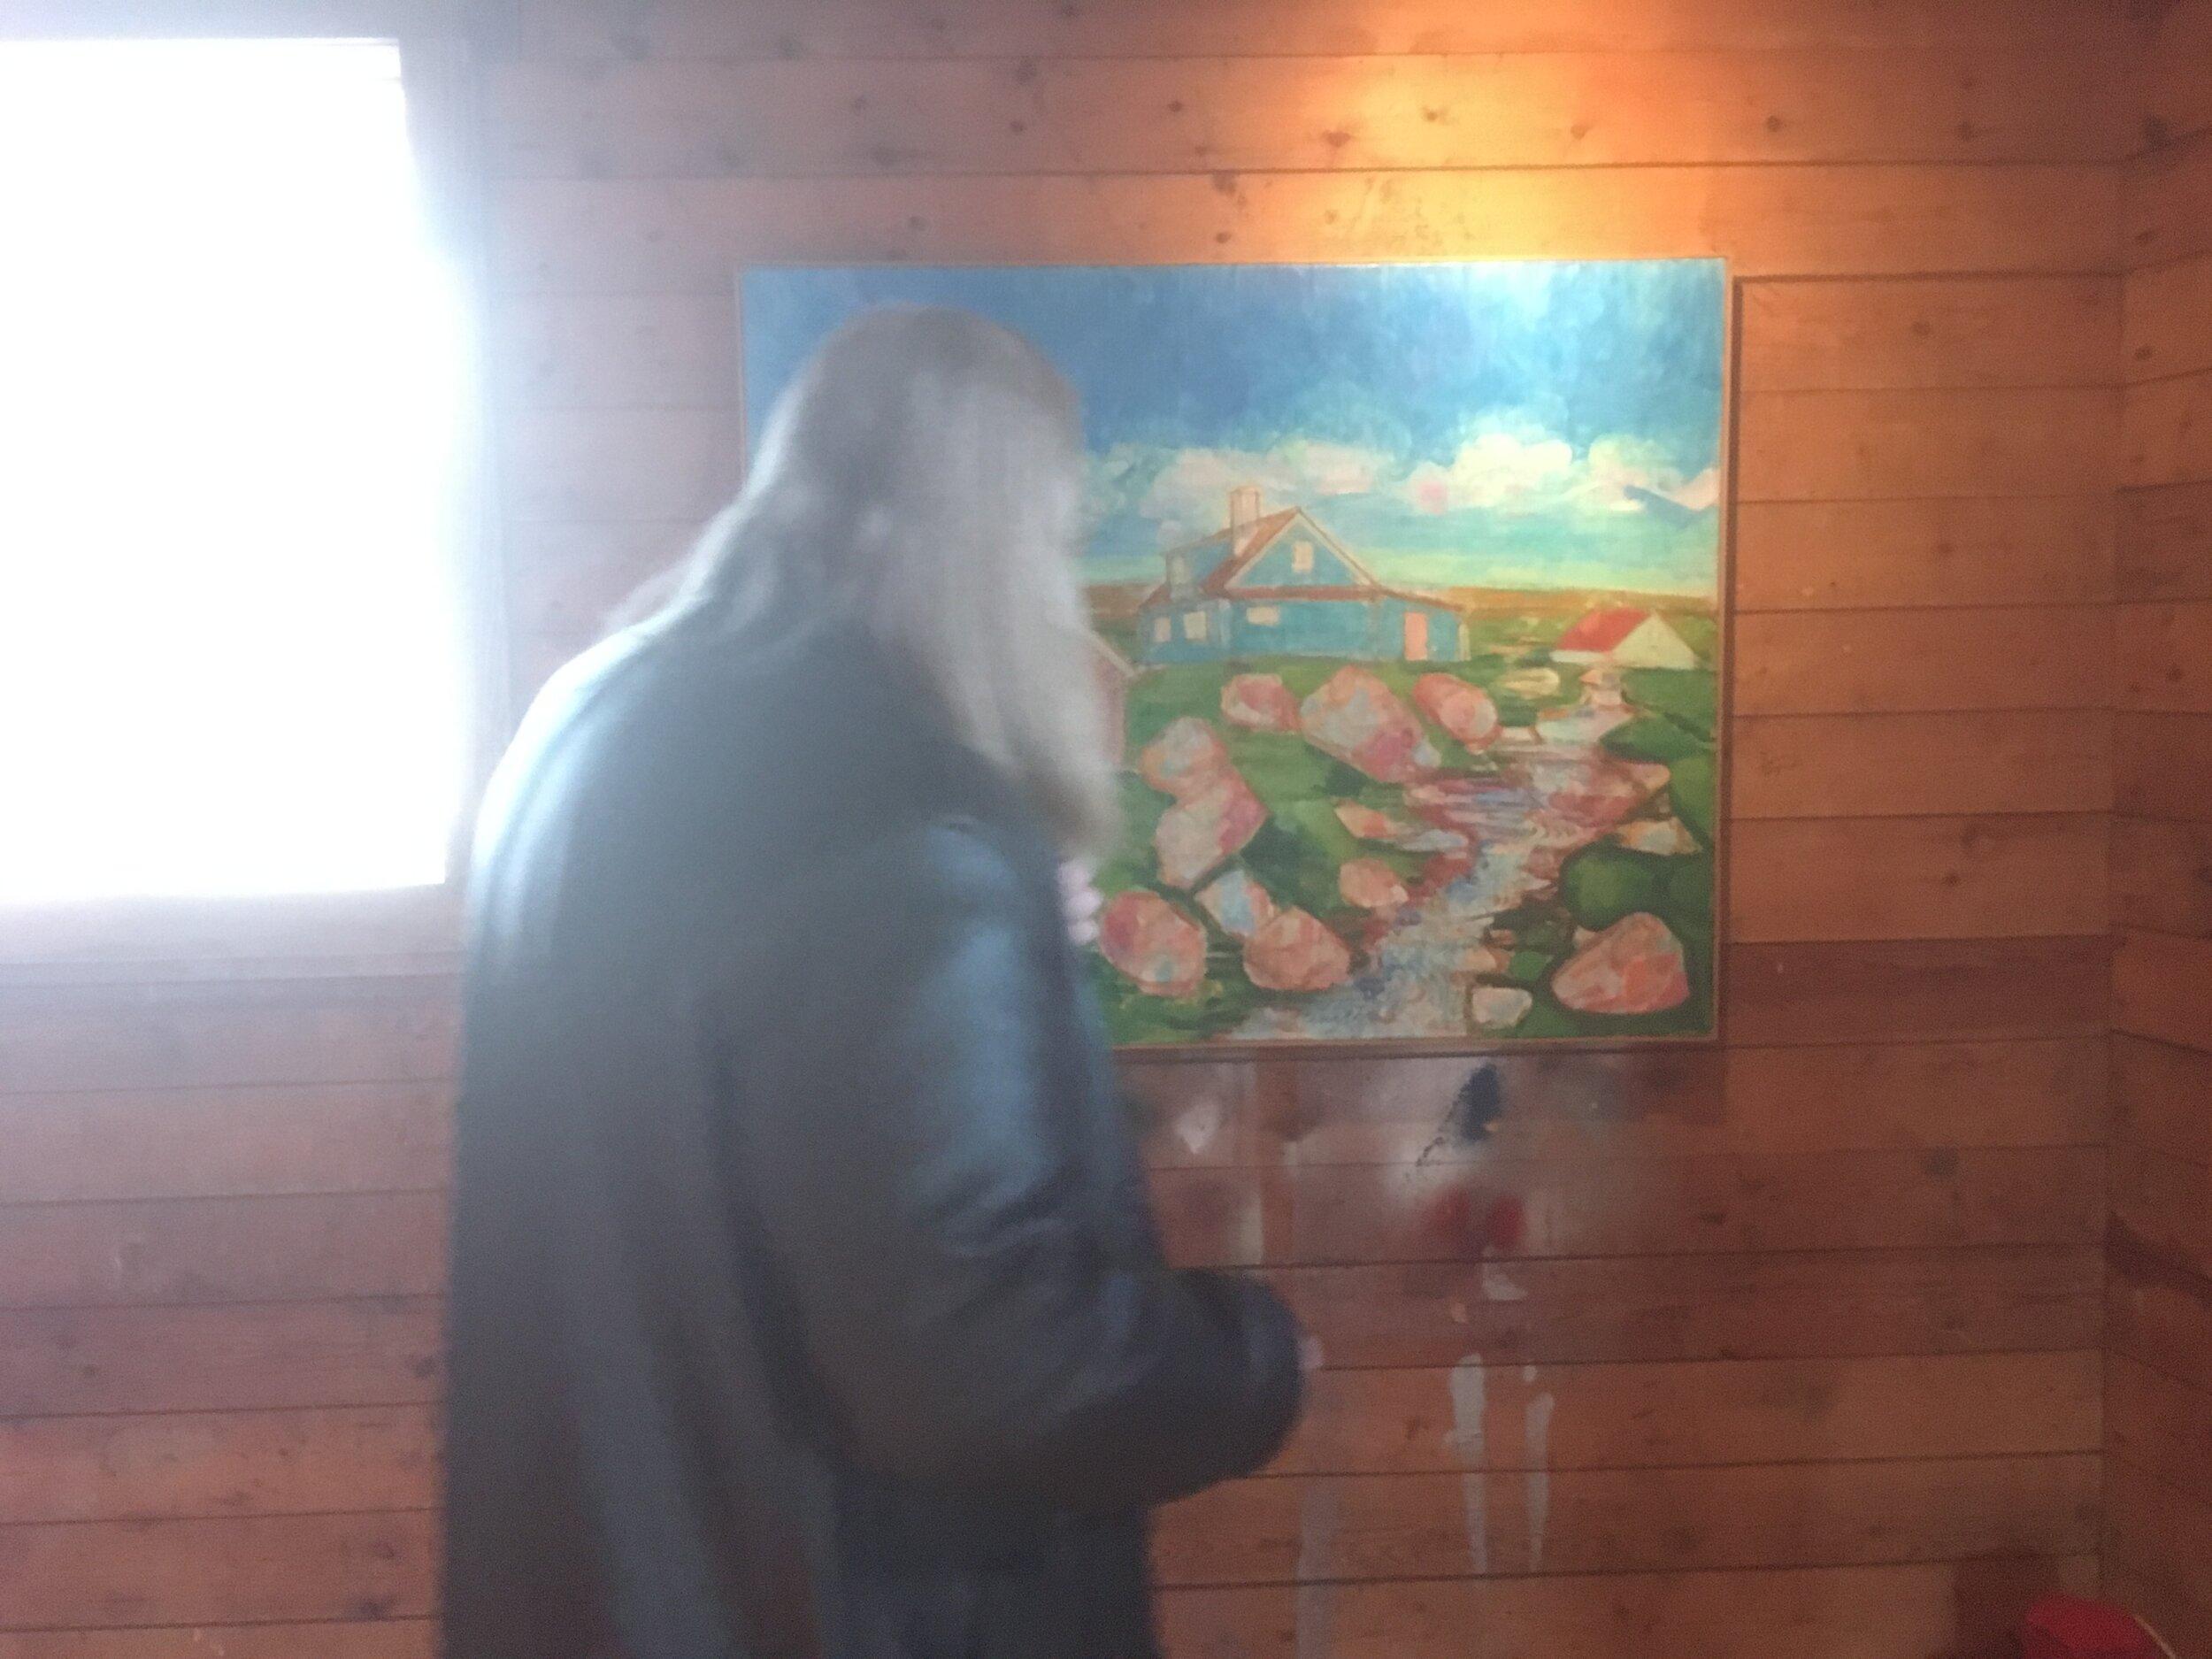 Ein koloristur skoðar koloristiskan málning